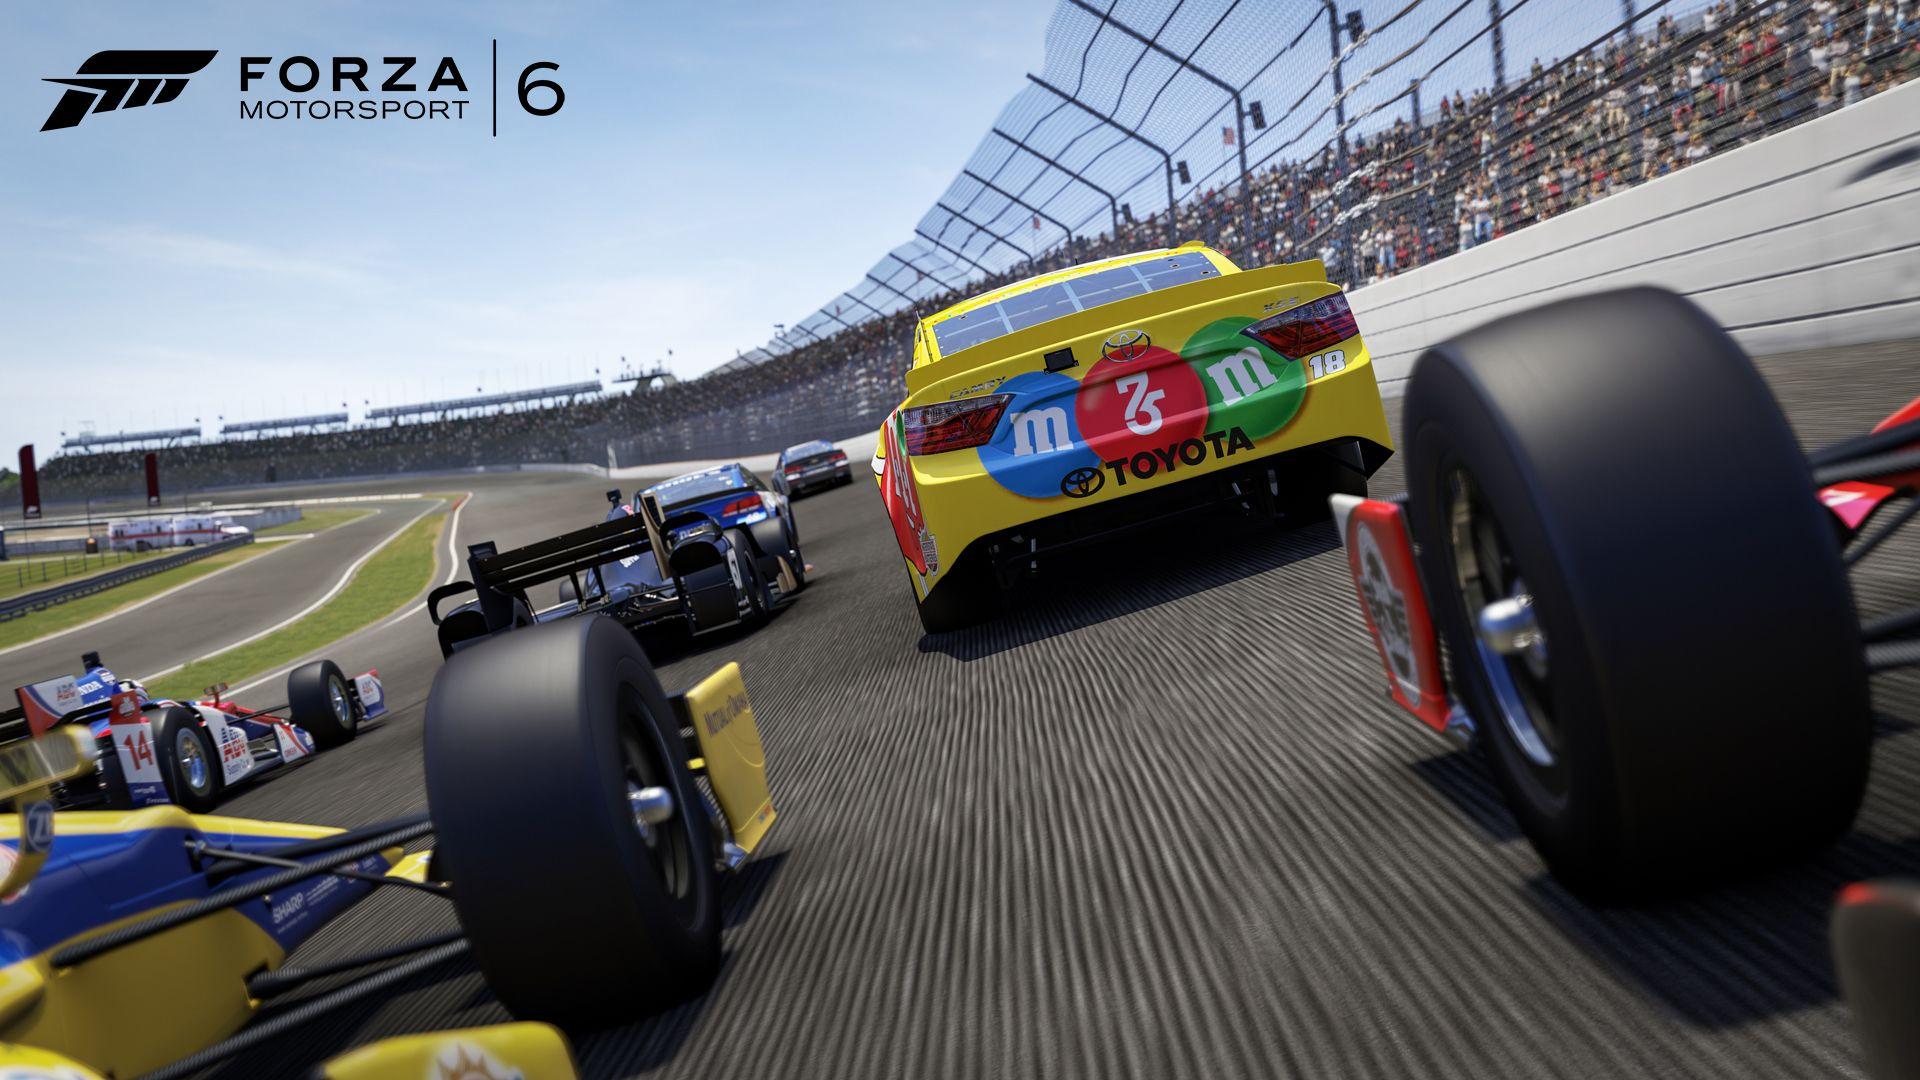 Forza Motorsport 6 NASCAR expansion released KeenGamer